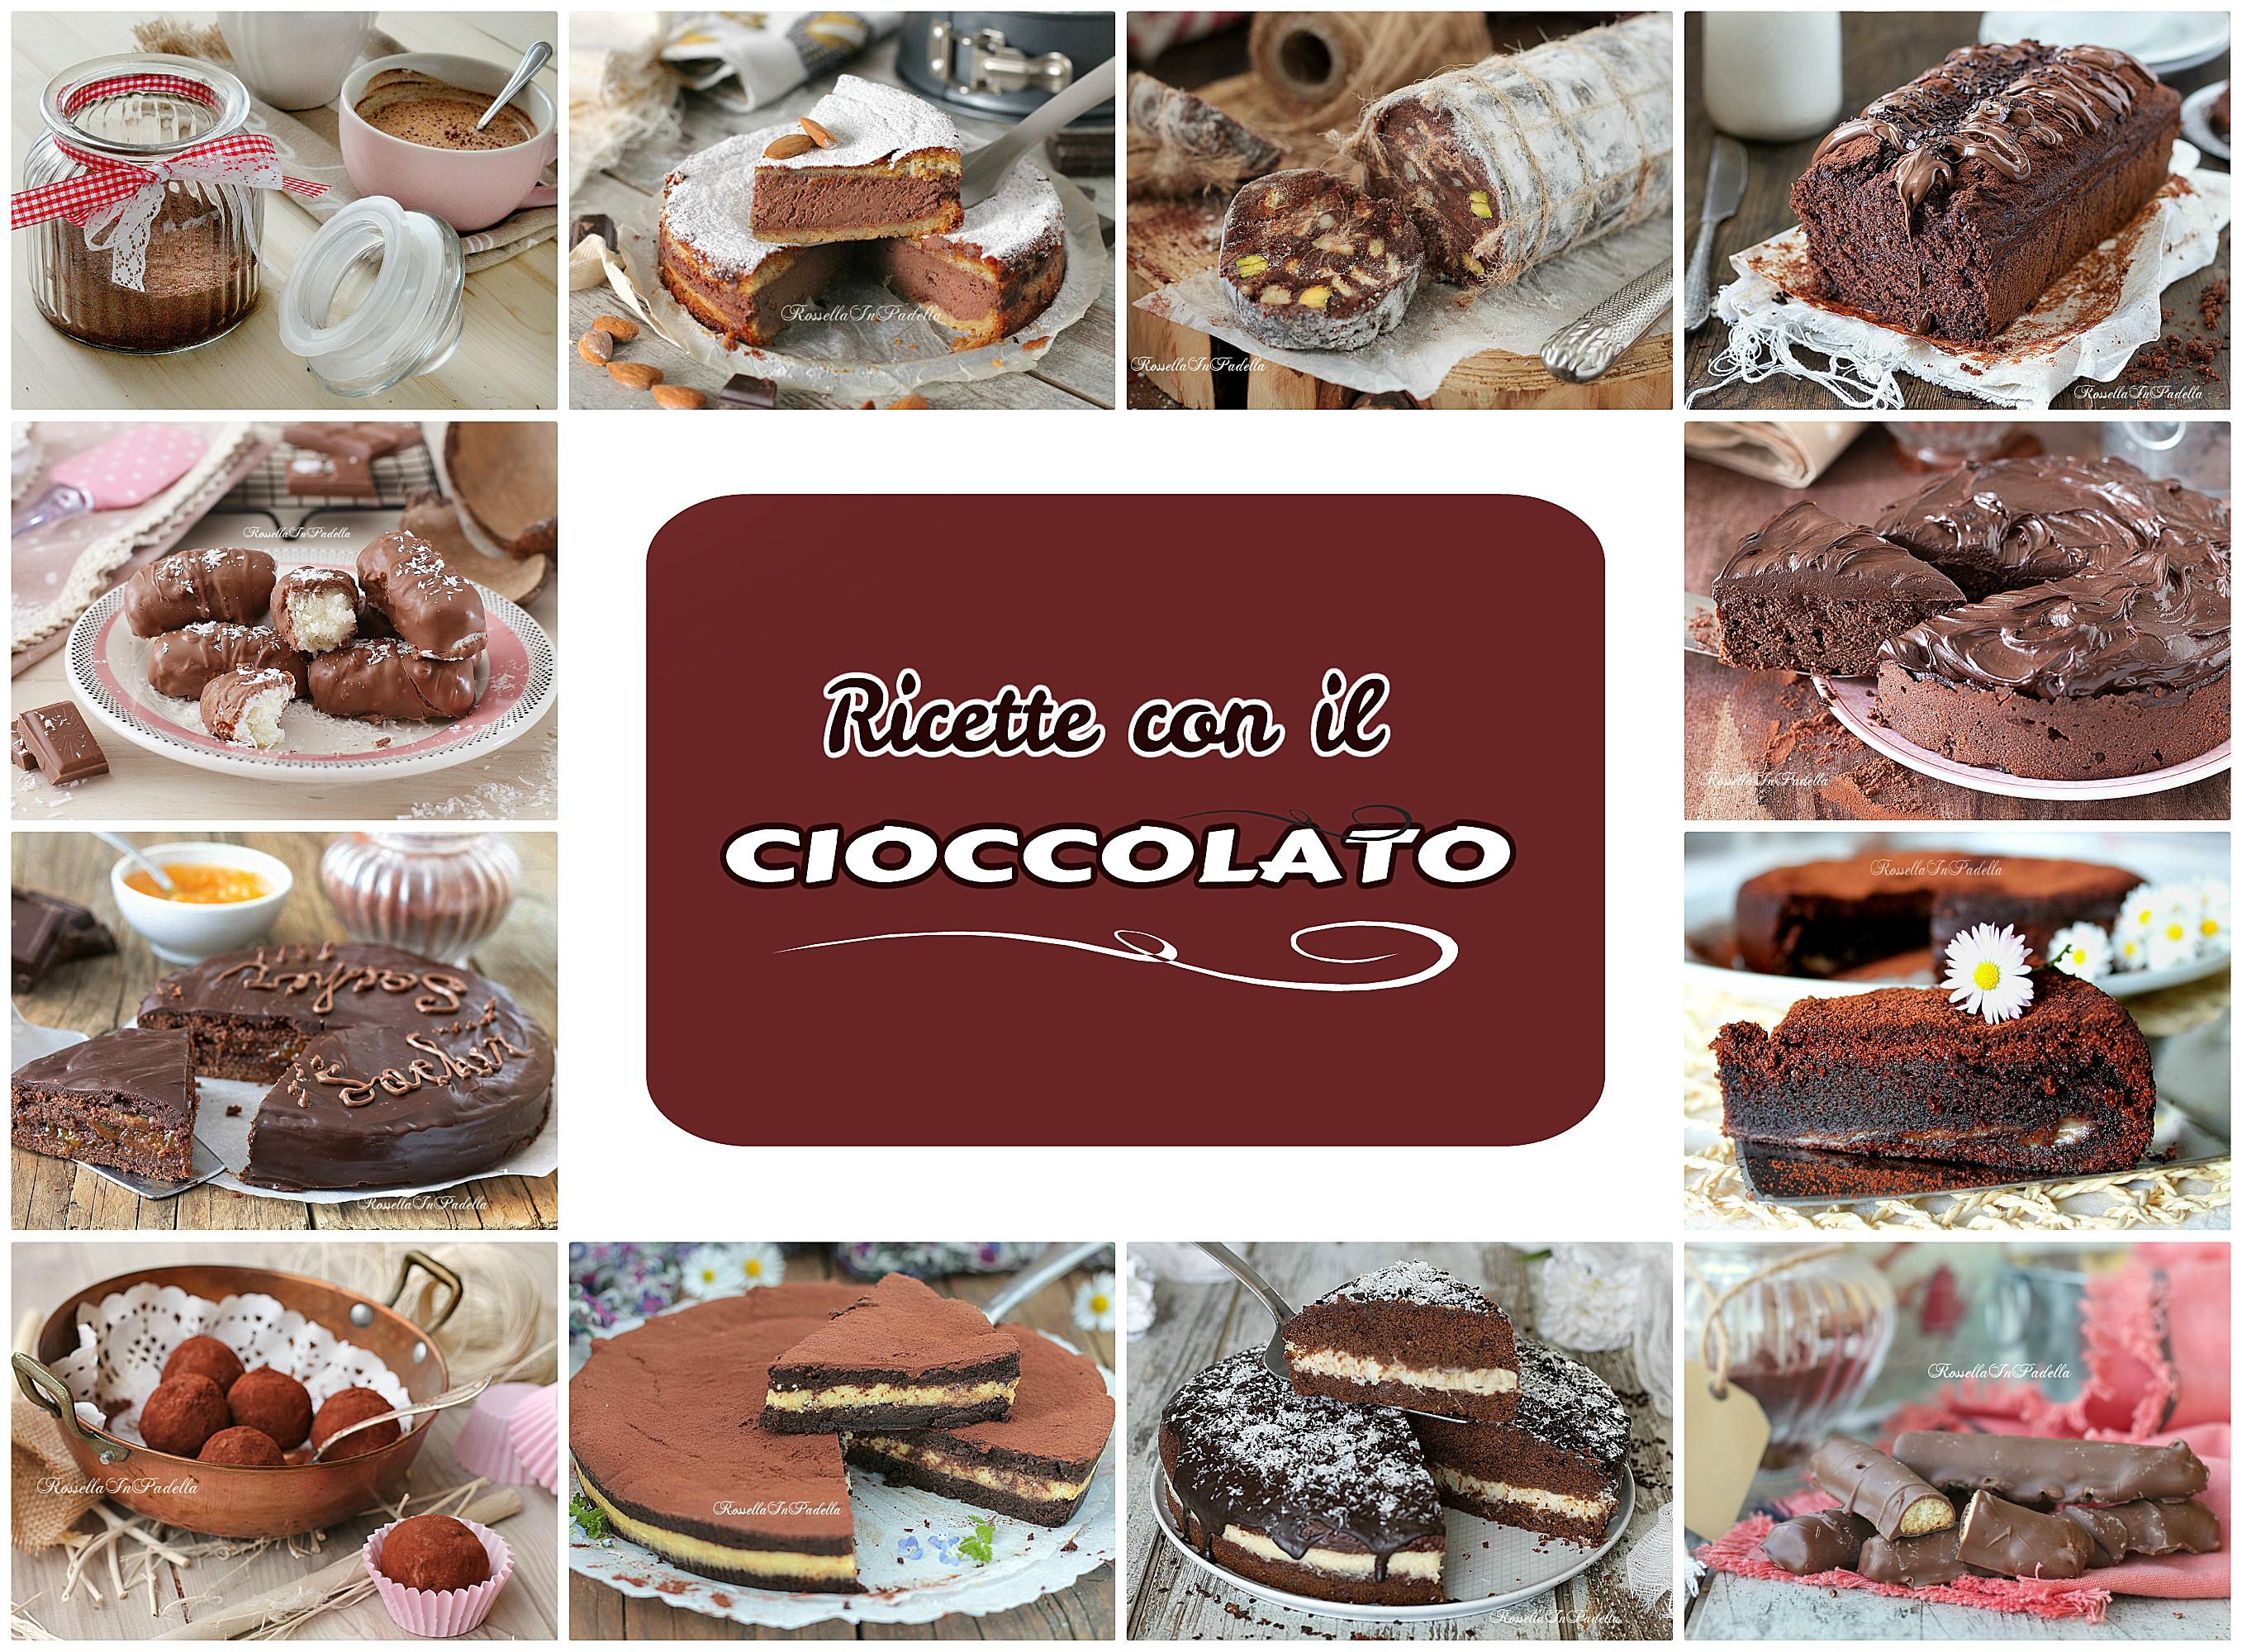 Dolci, torte e ricette con il CIOCCOLATO